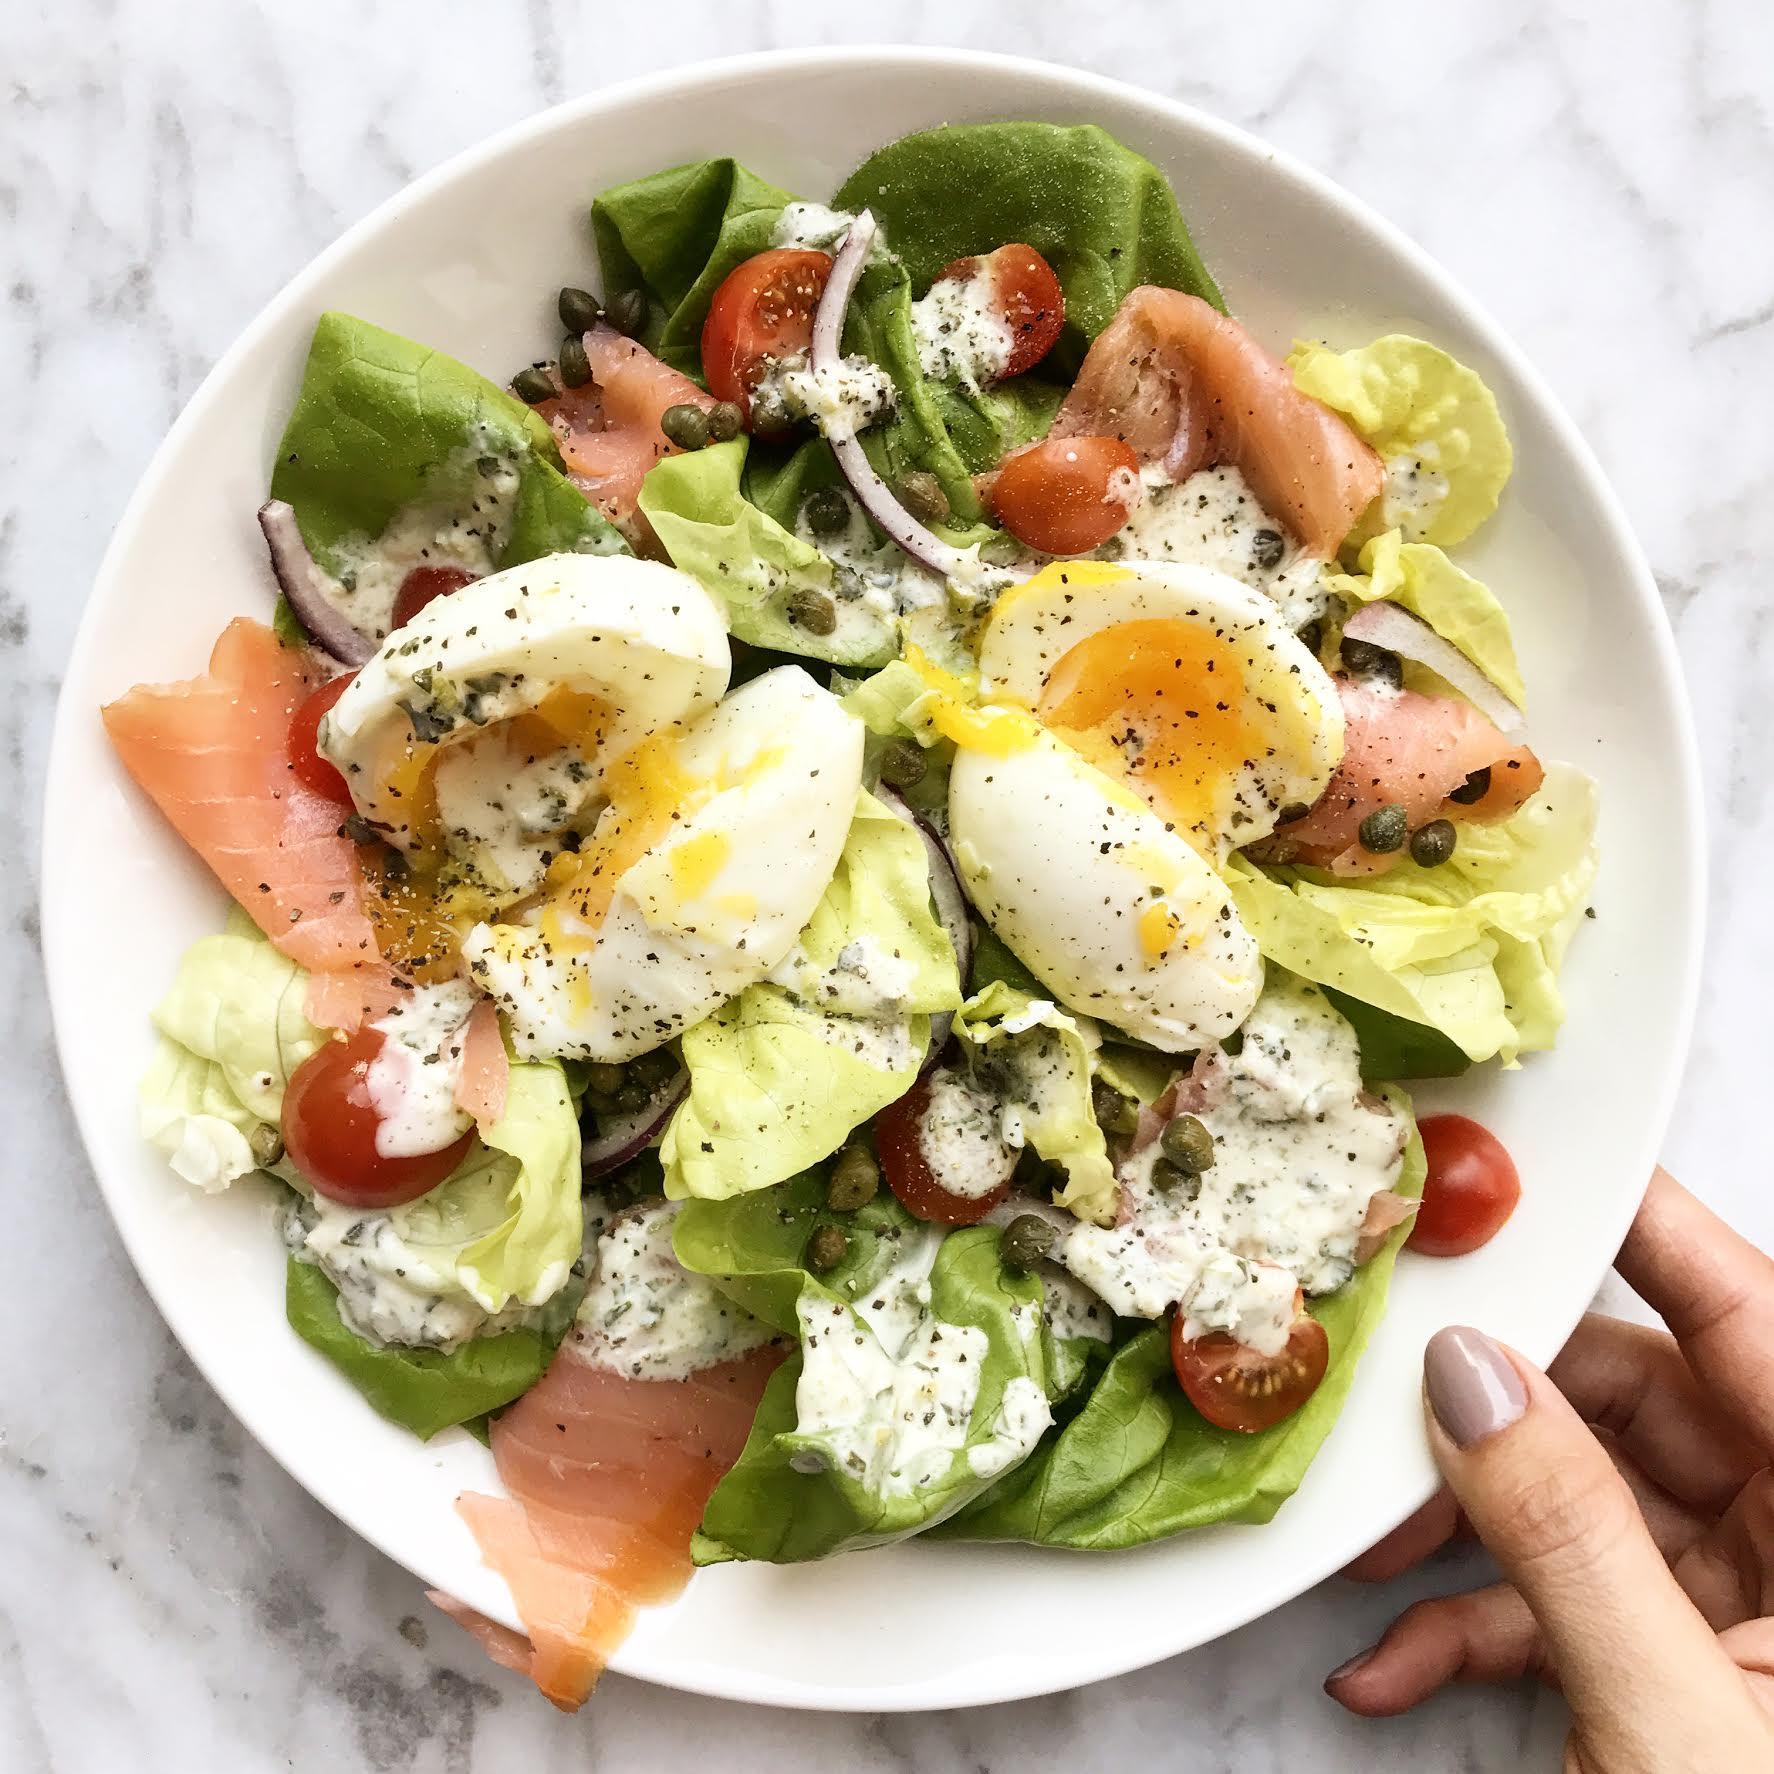 традиционный салат на завтрак рецепт с фото происходит при низкой